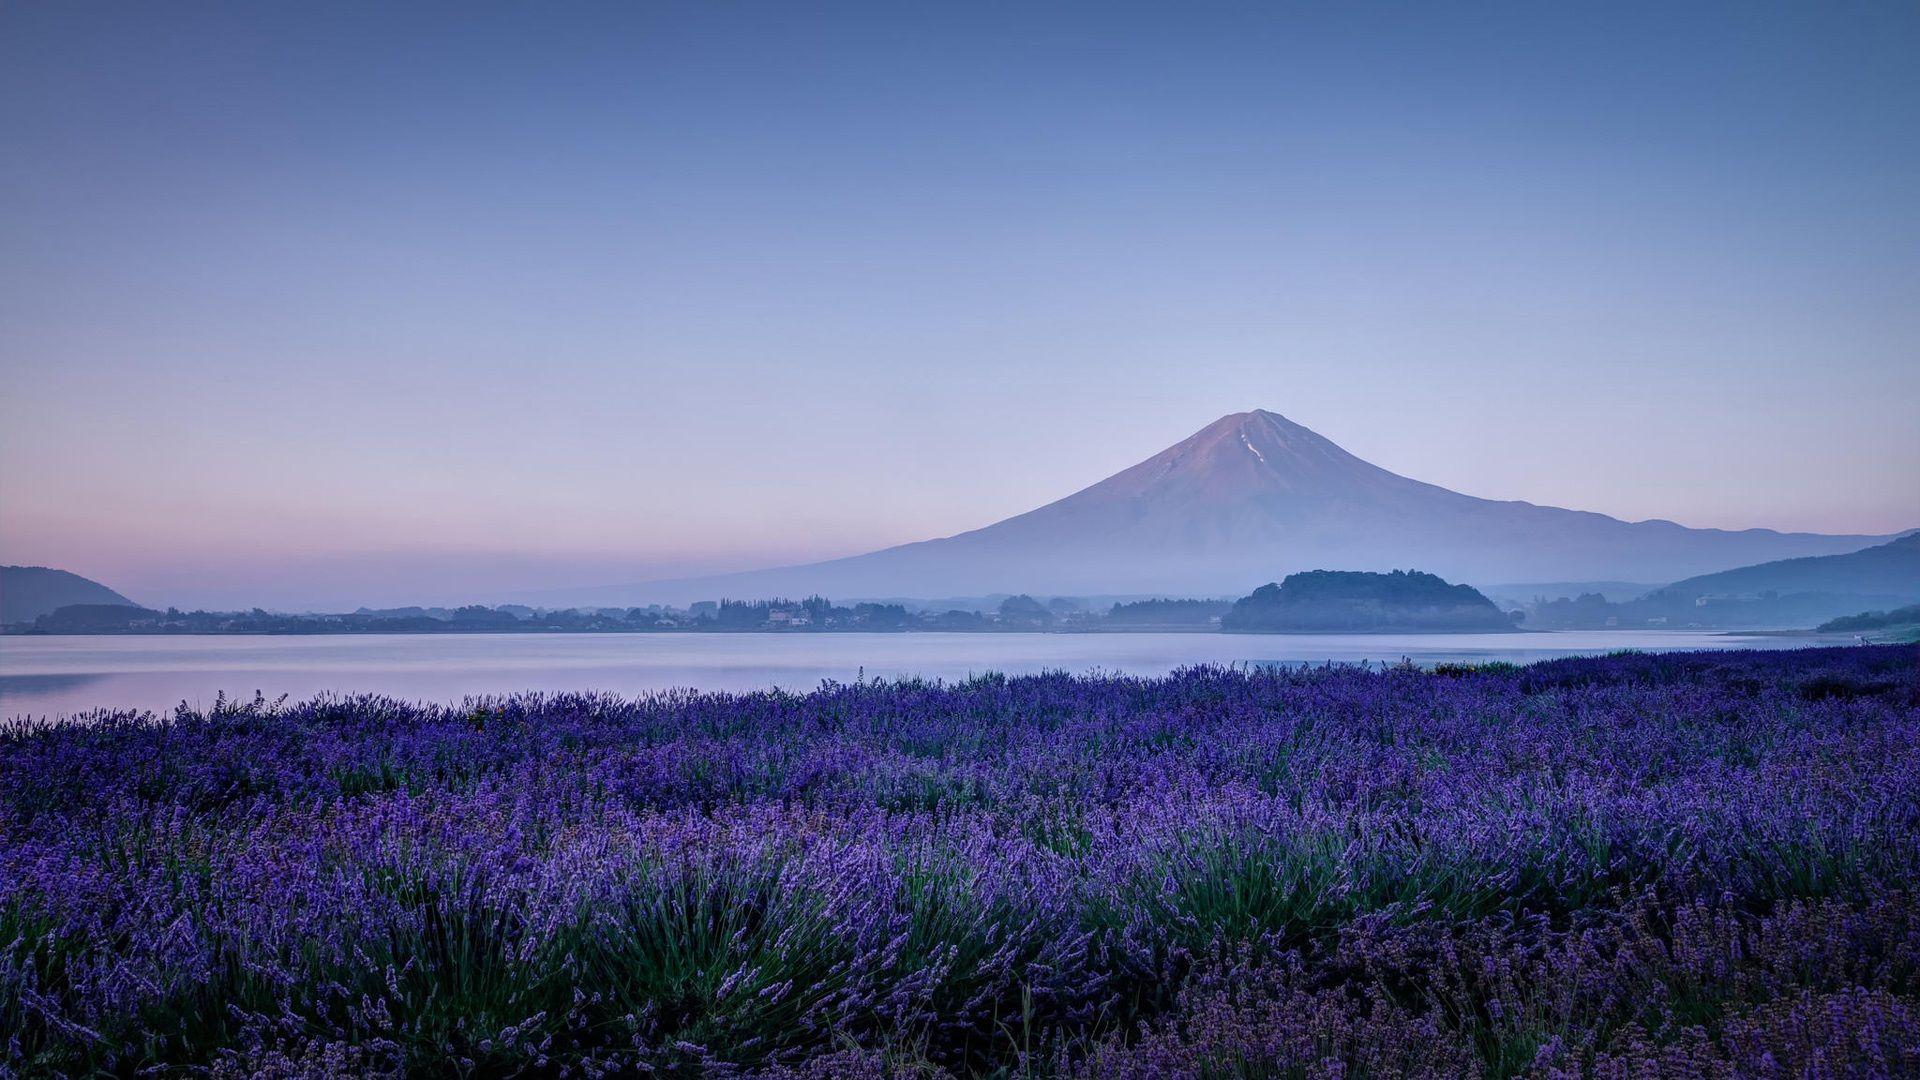 Japan Mt Fuji 日本 富士の山 ラベンダーの花 自然 朝 壁紙